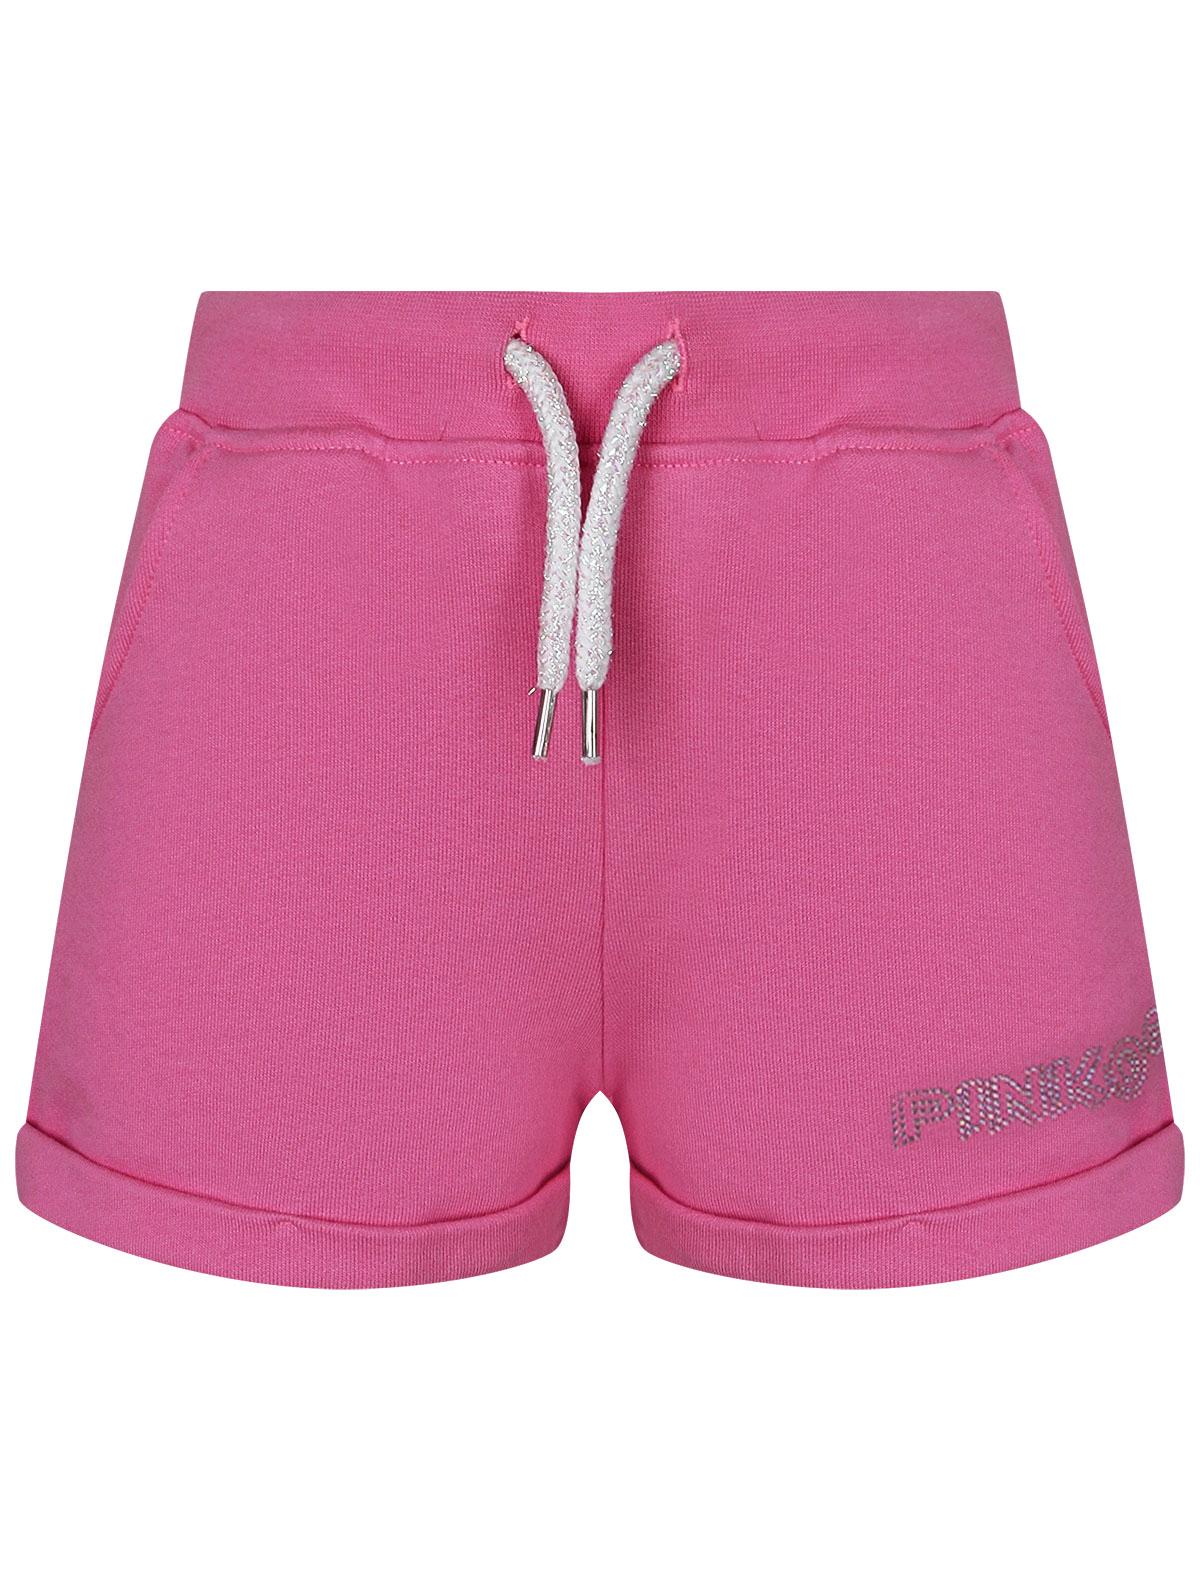 Купить 2303330, Шорты Pinko Up, розовый, Женский, 1414509174824